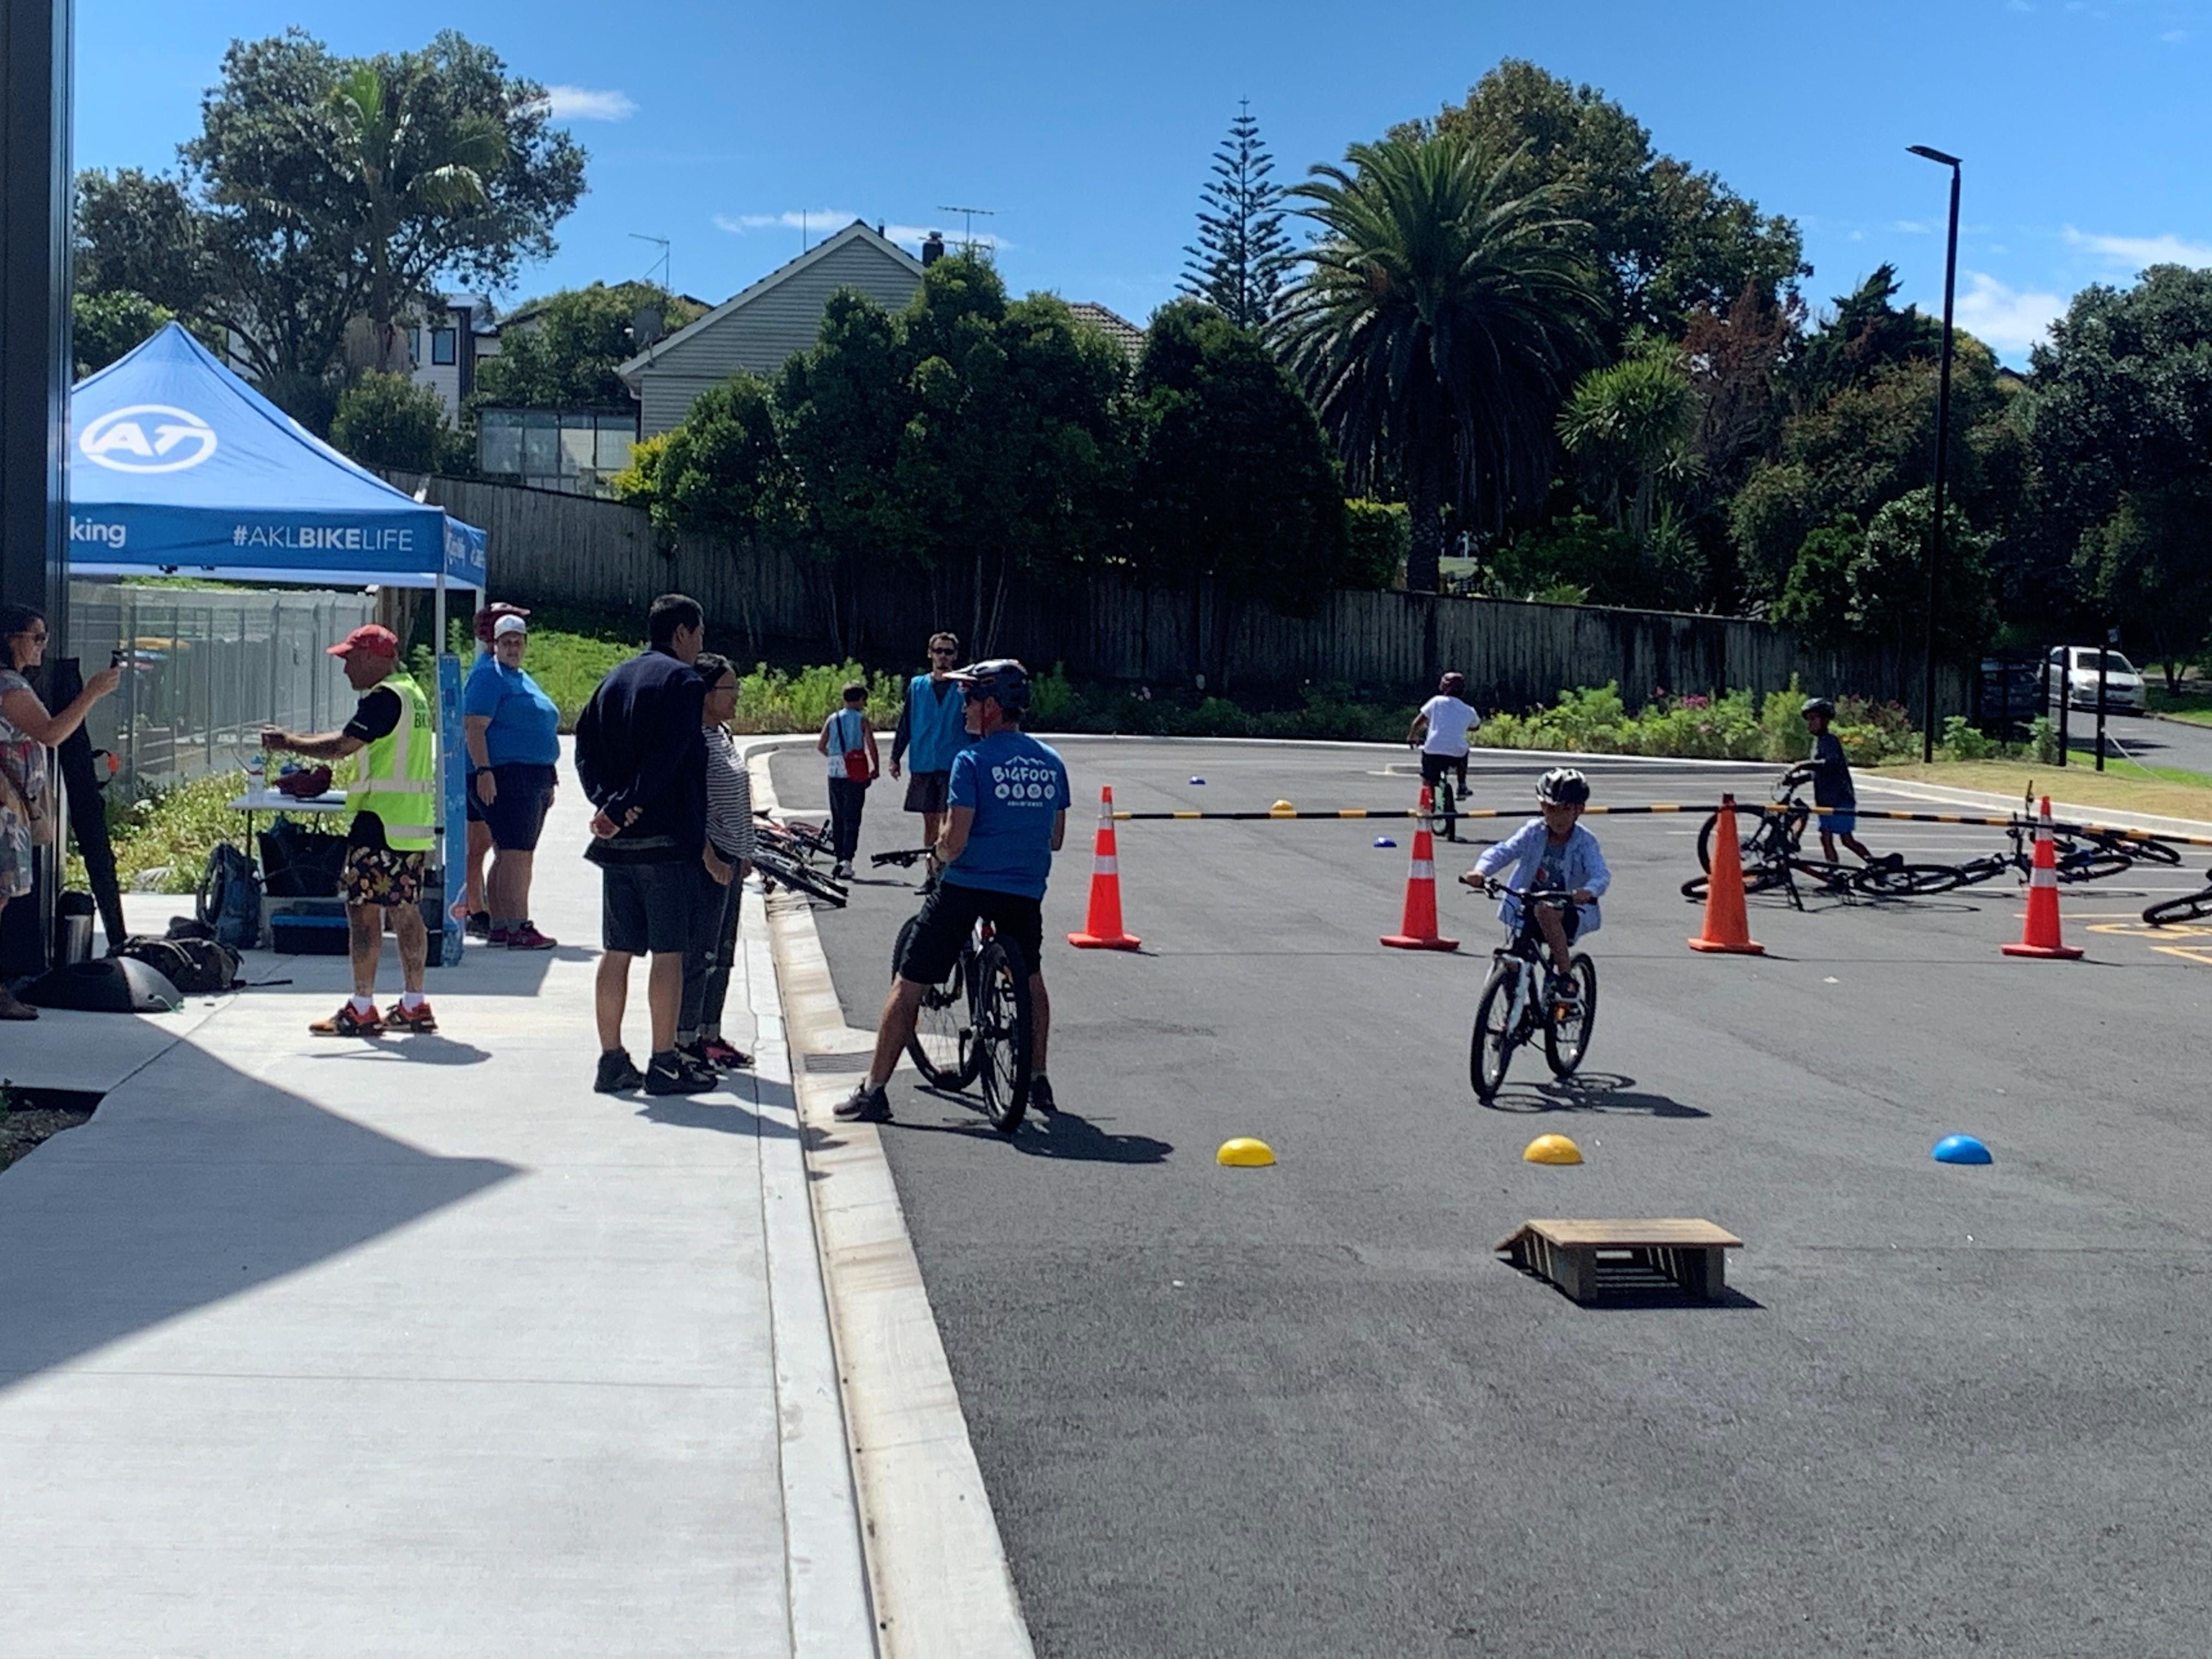 Bike skills workshop with children riding around on their bikes